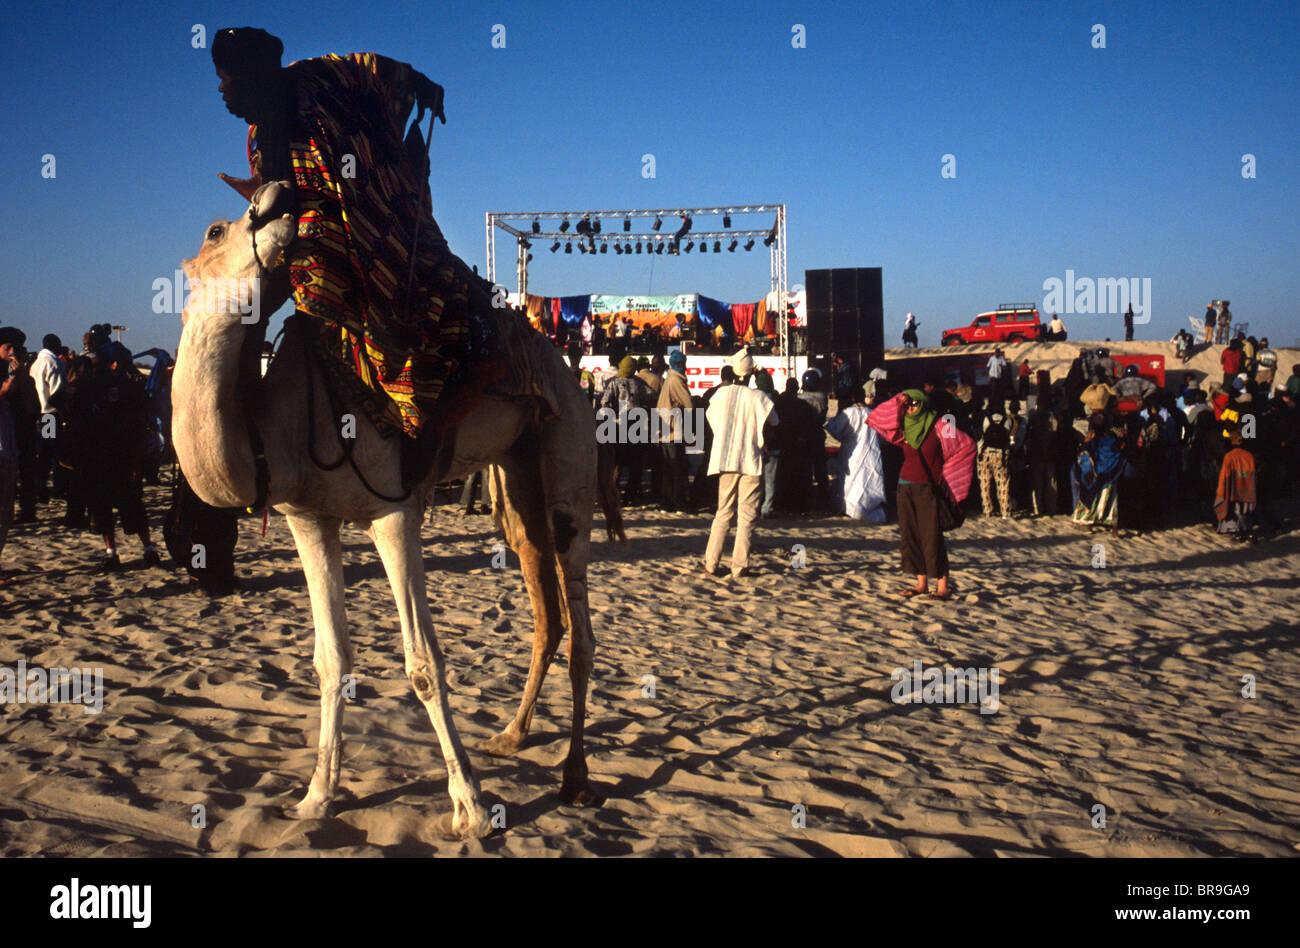 Festival au Desert music festival in Essakane Mali. - Stock Image